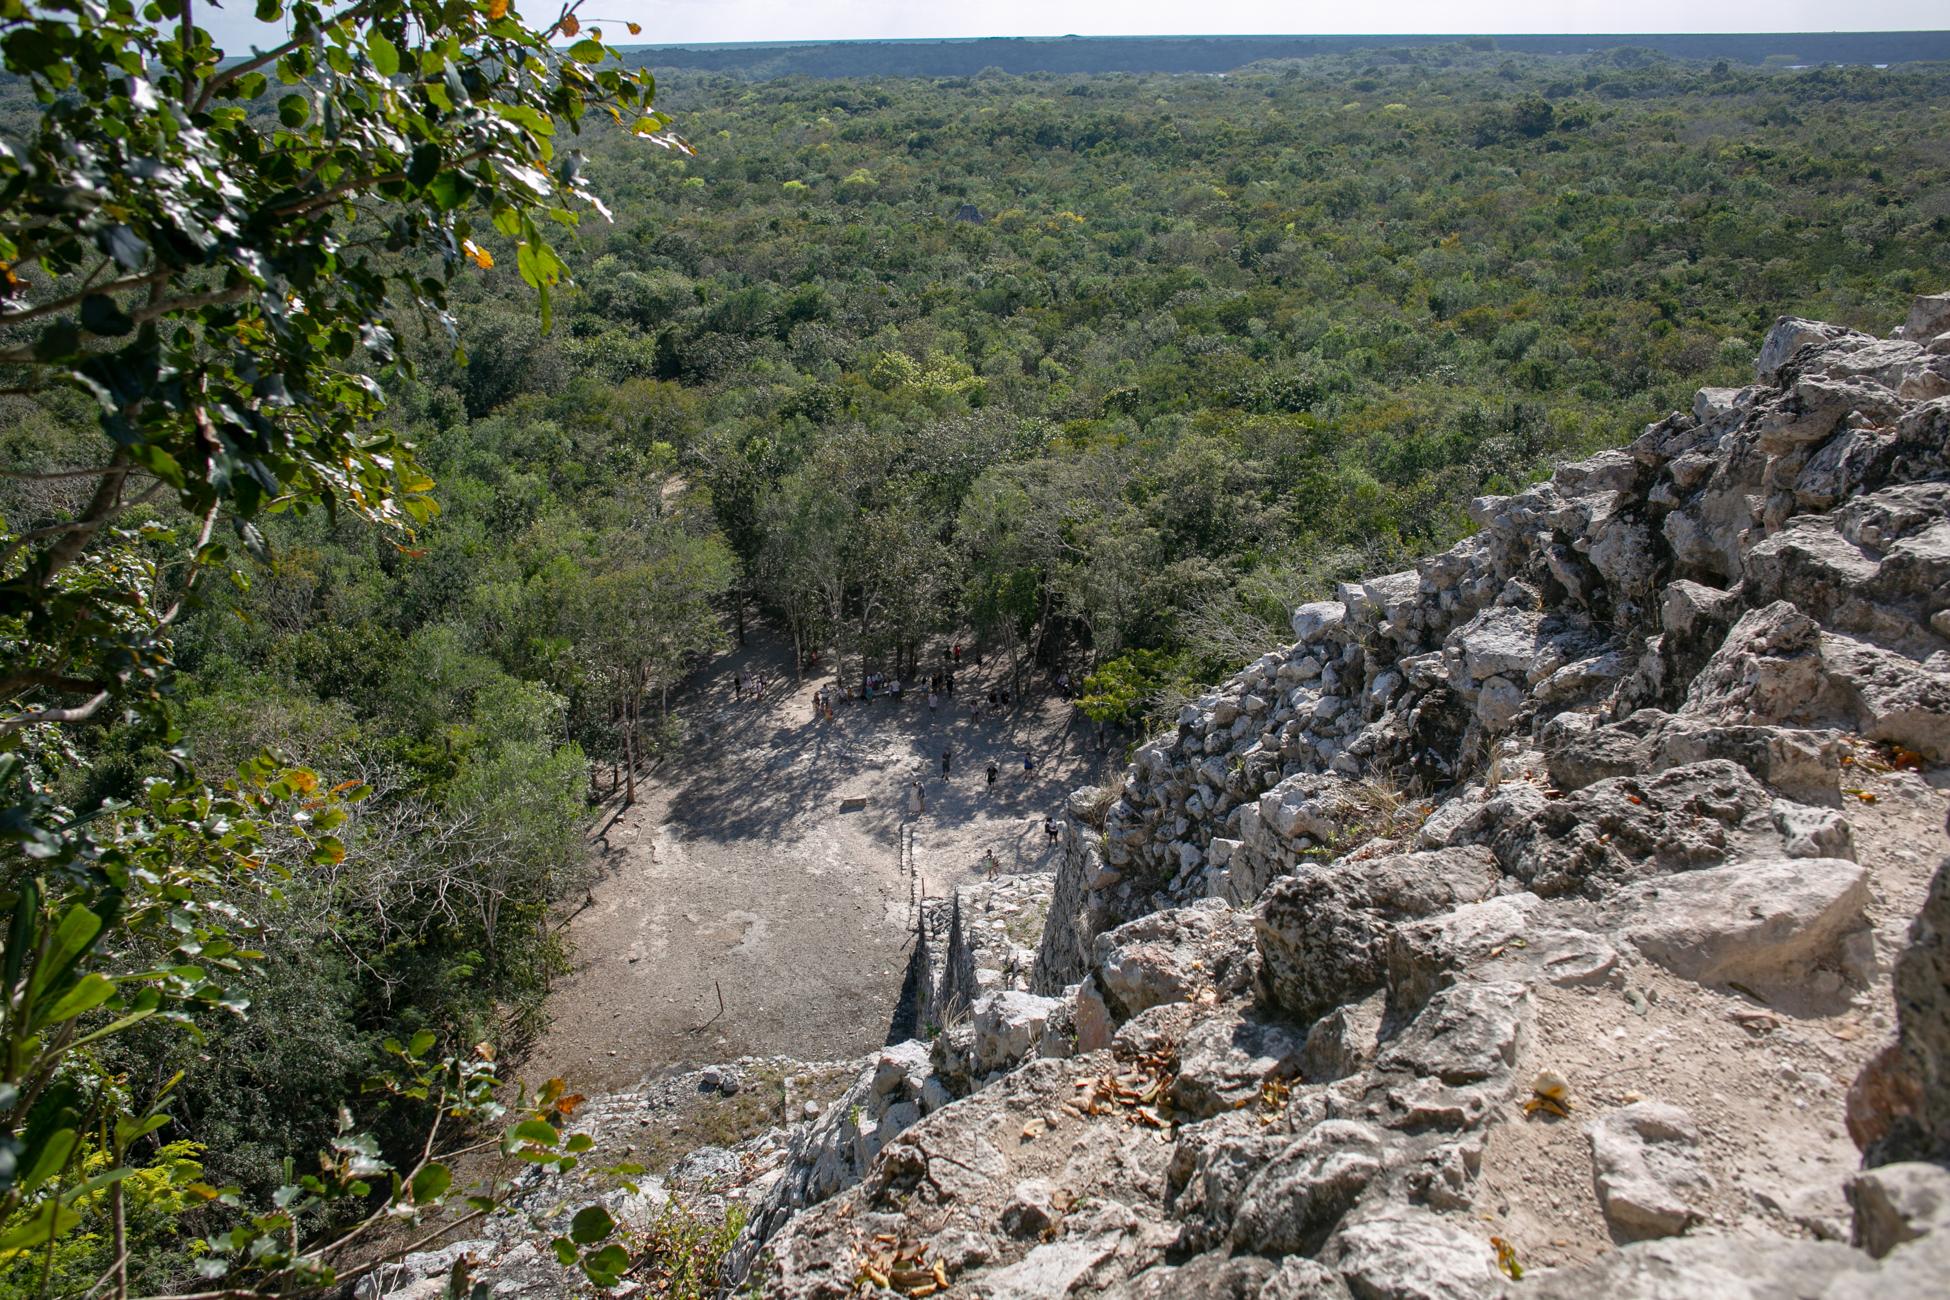 Zona Arqueológica de Coba (Fig 14)